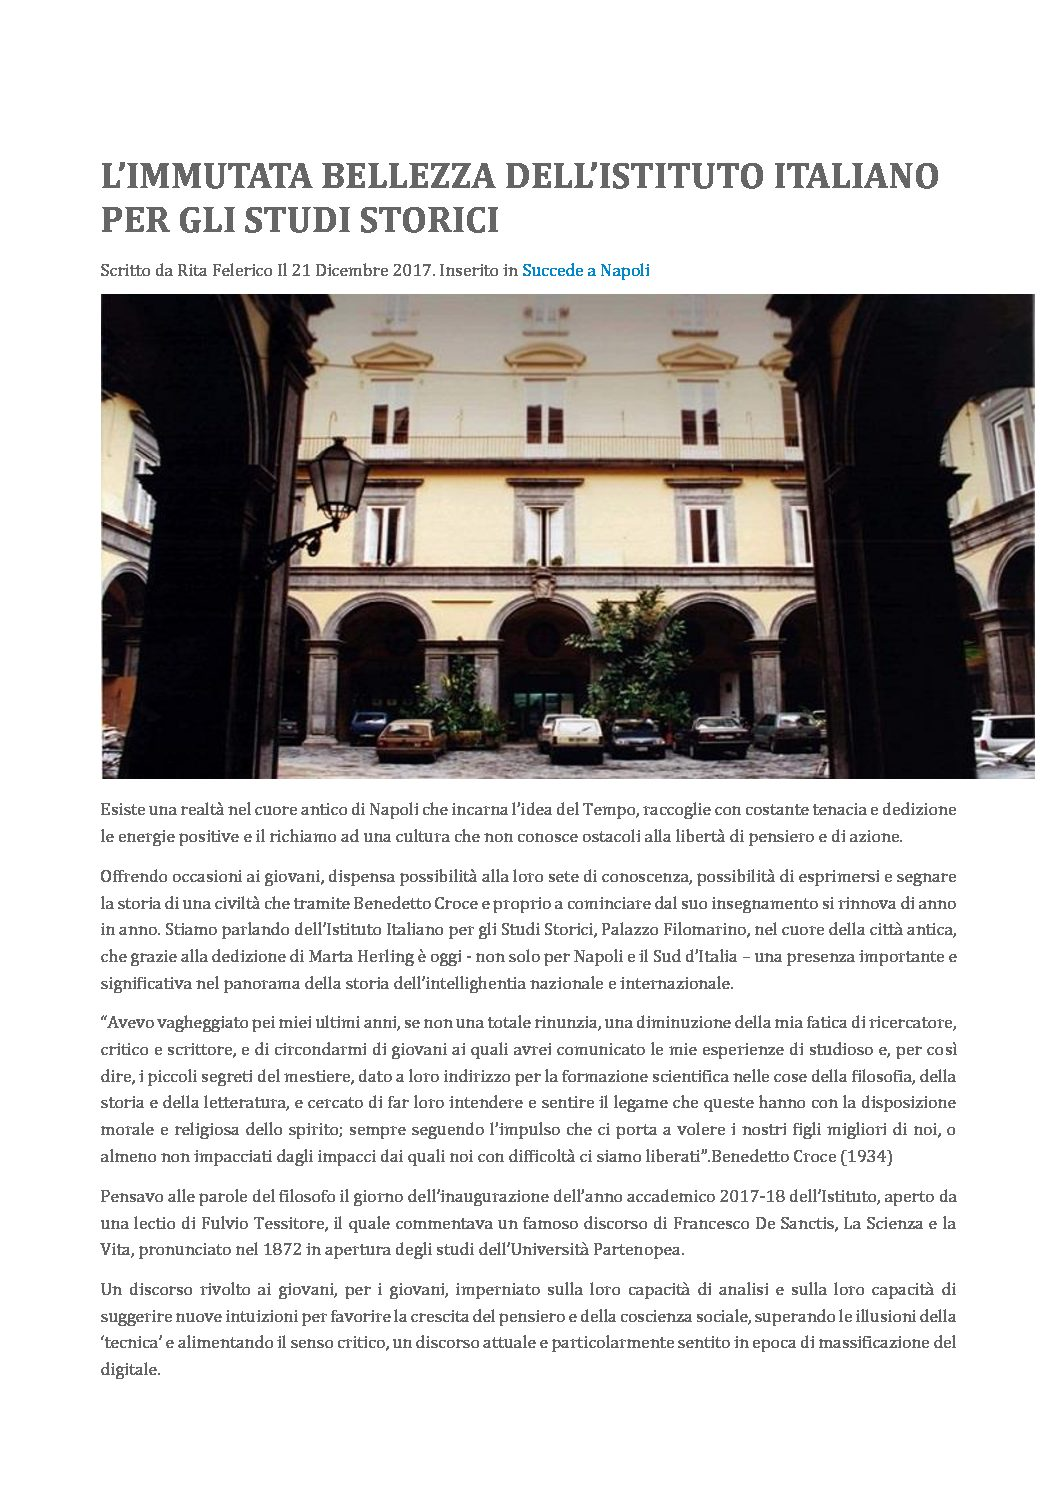 L'immutata bellezza dell'Istituto italiano per gli studi storici